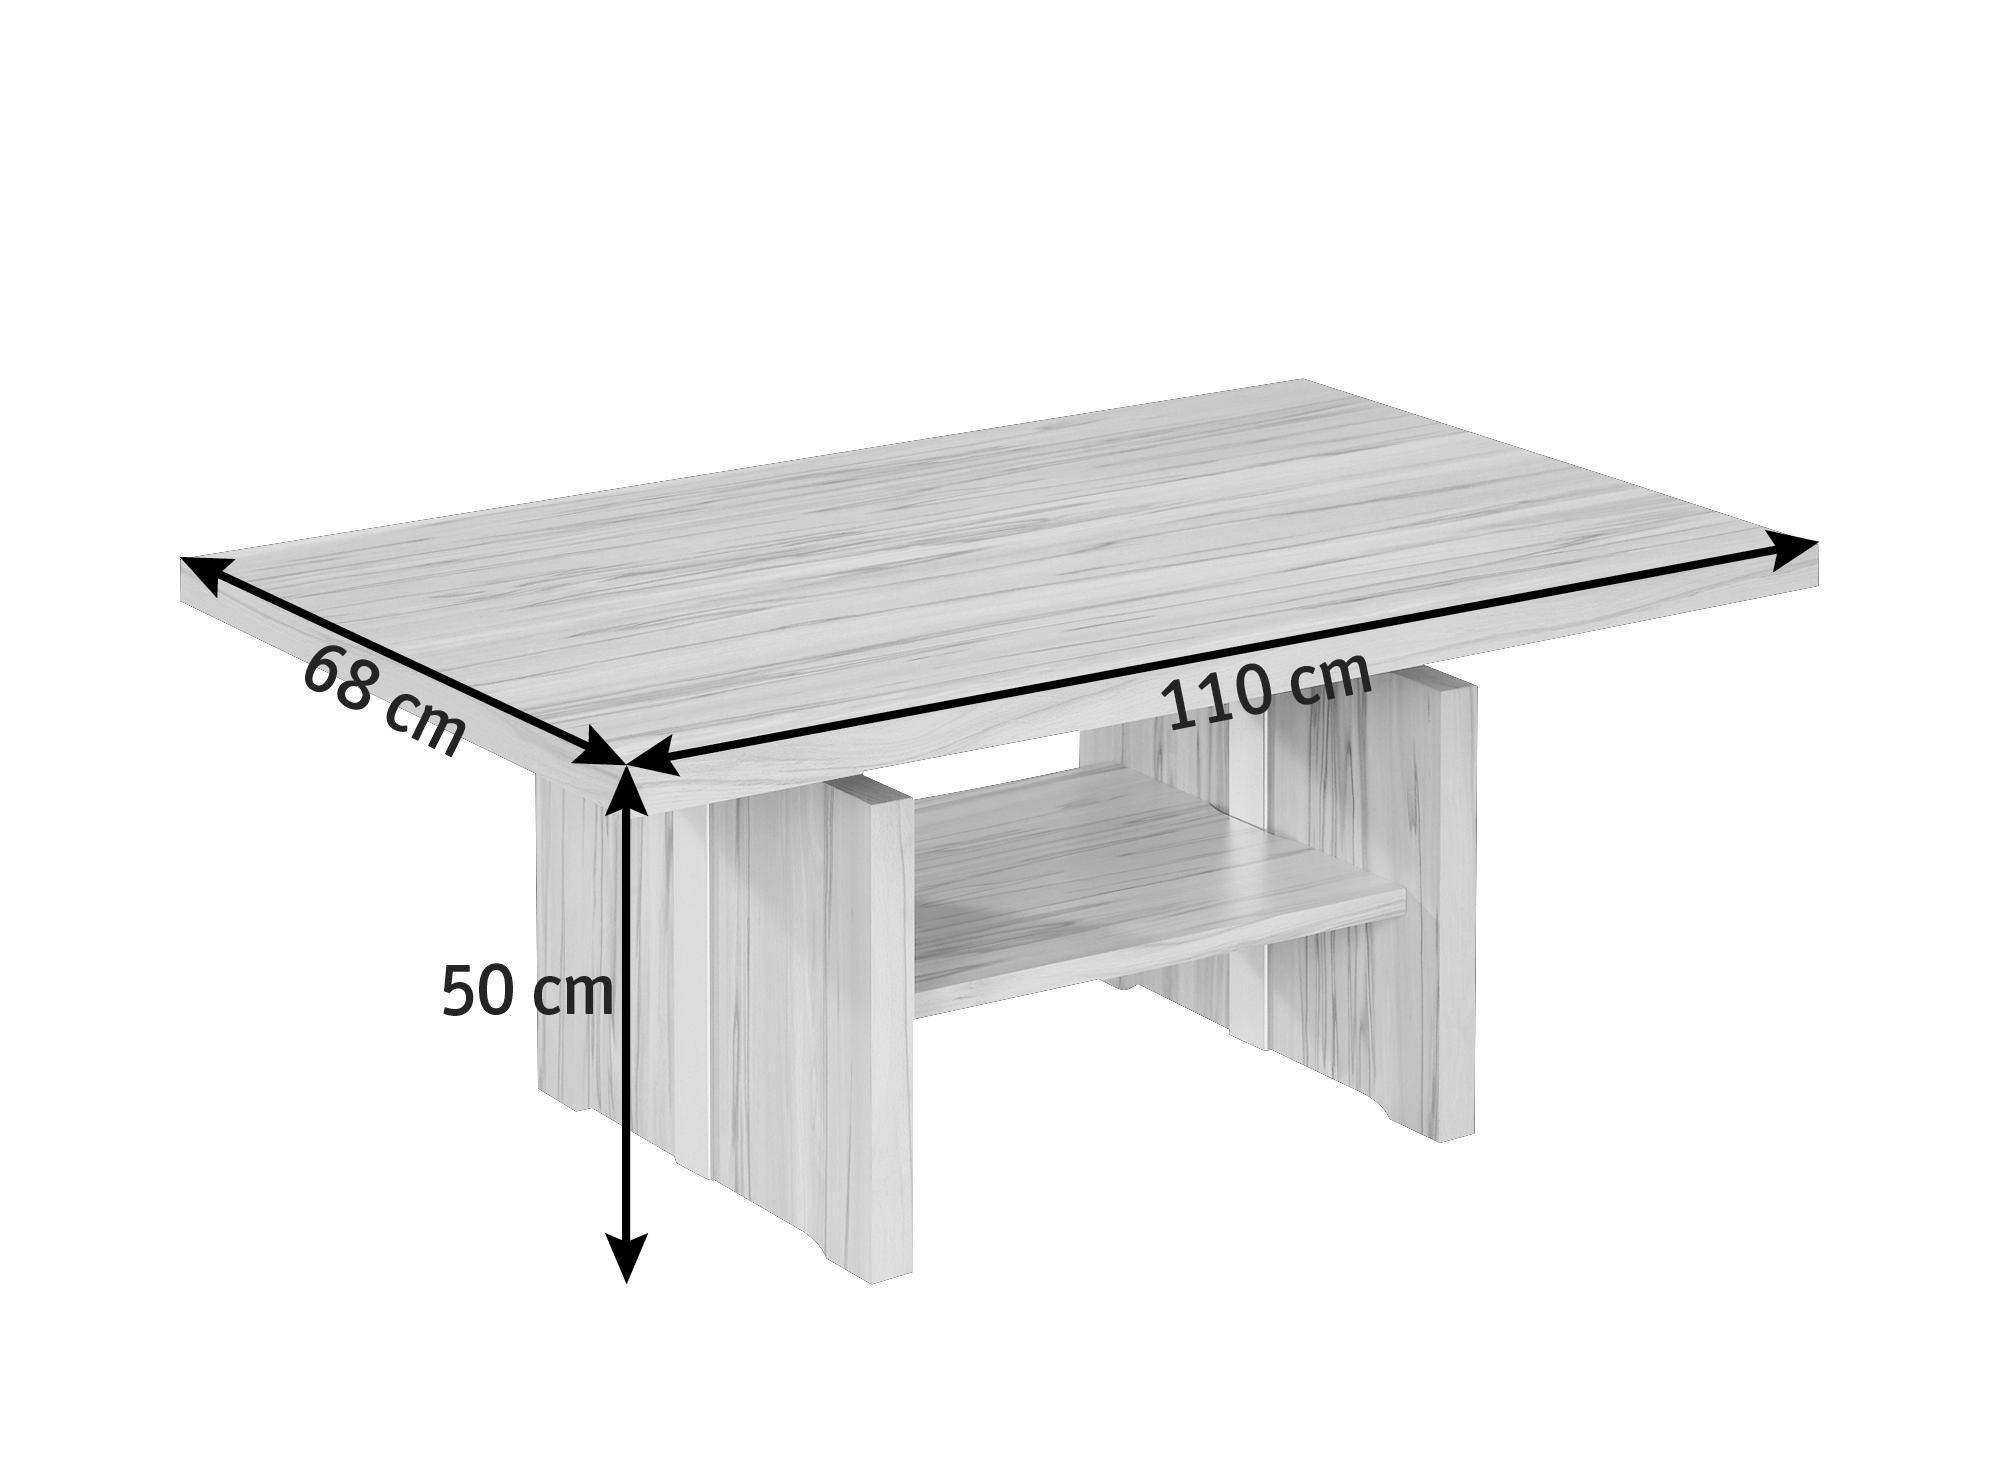 COUCHTISCH in 110/50-69/68 cm Buchefarben - Buchefarben, KONVENTIONELL, Holzwerkstoff/Metall (110/50-69/68cm) - CANTUS